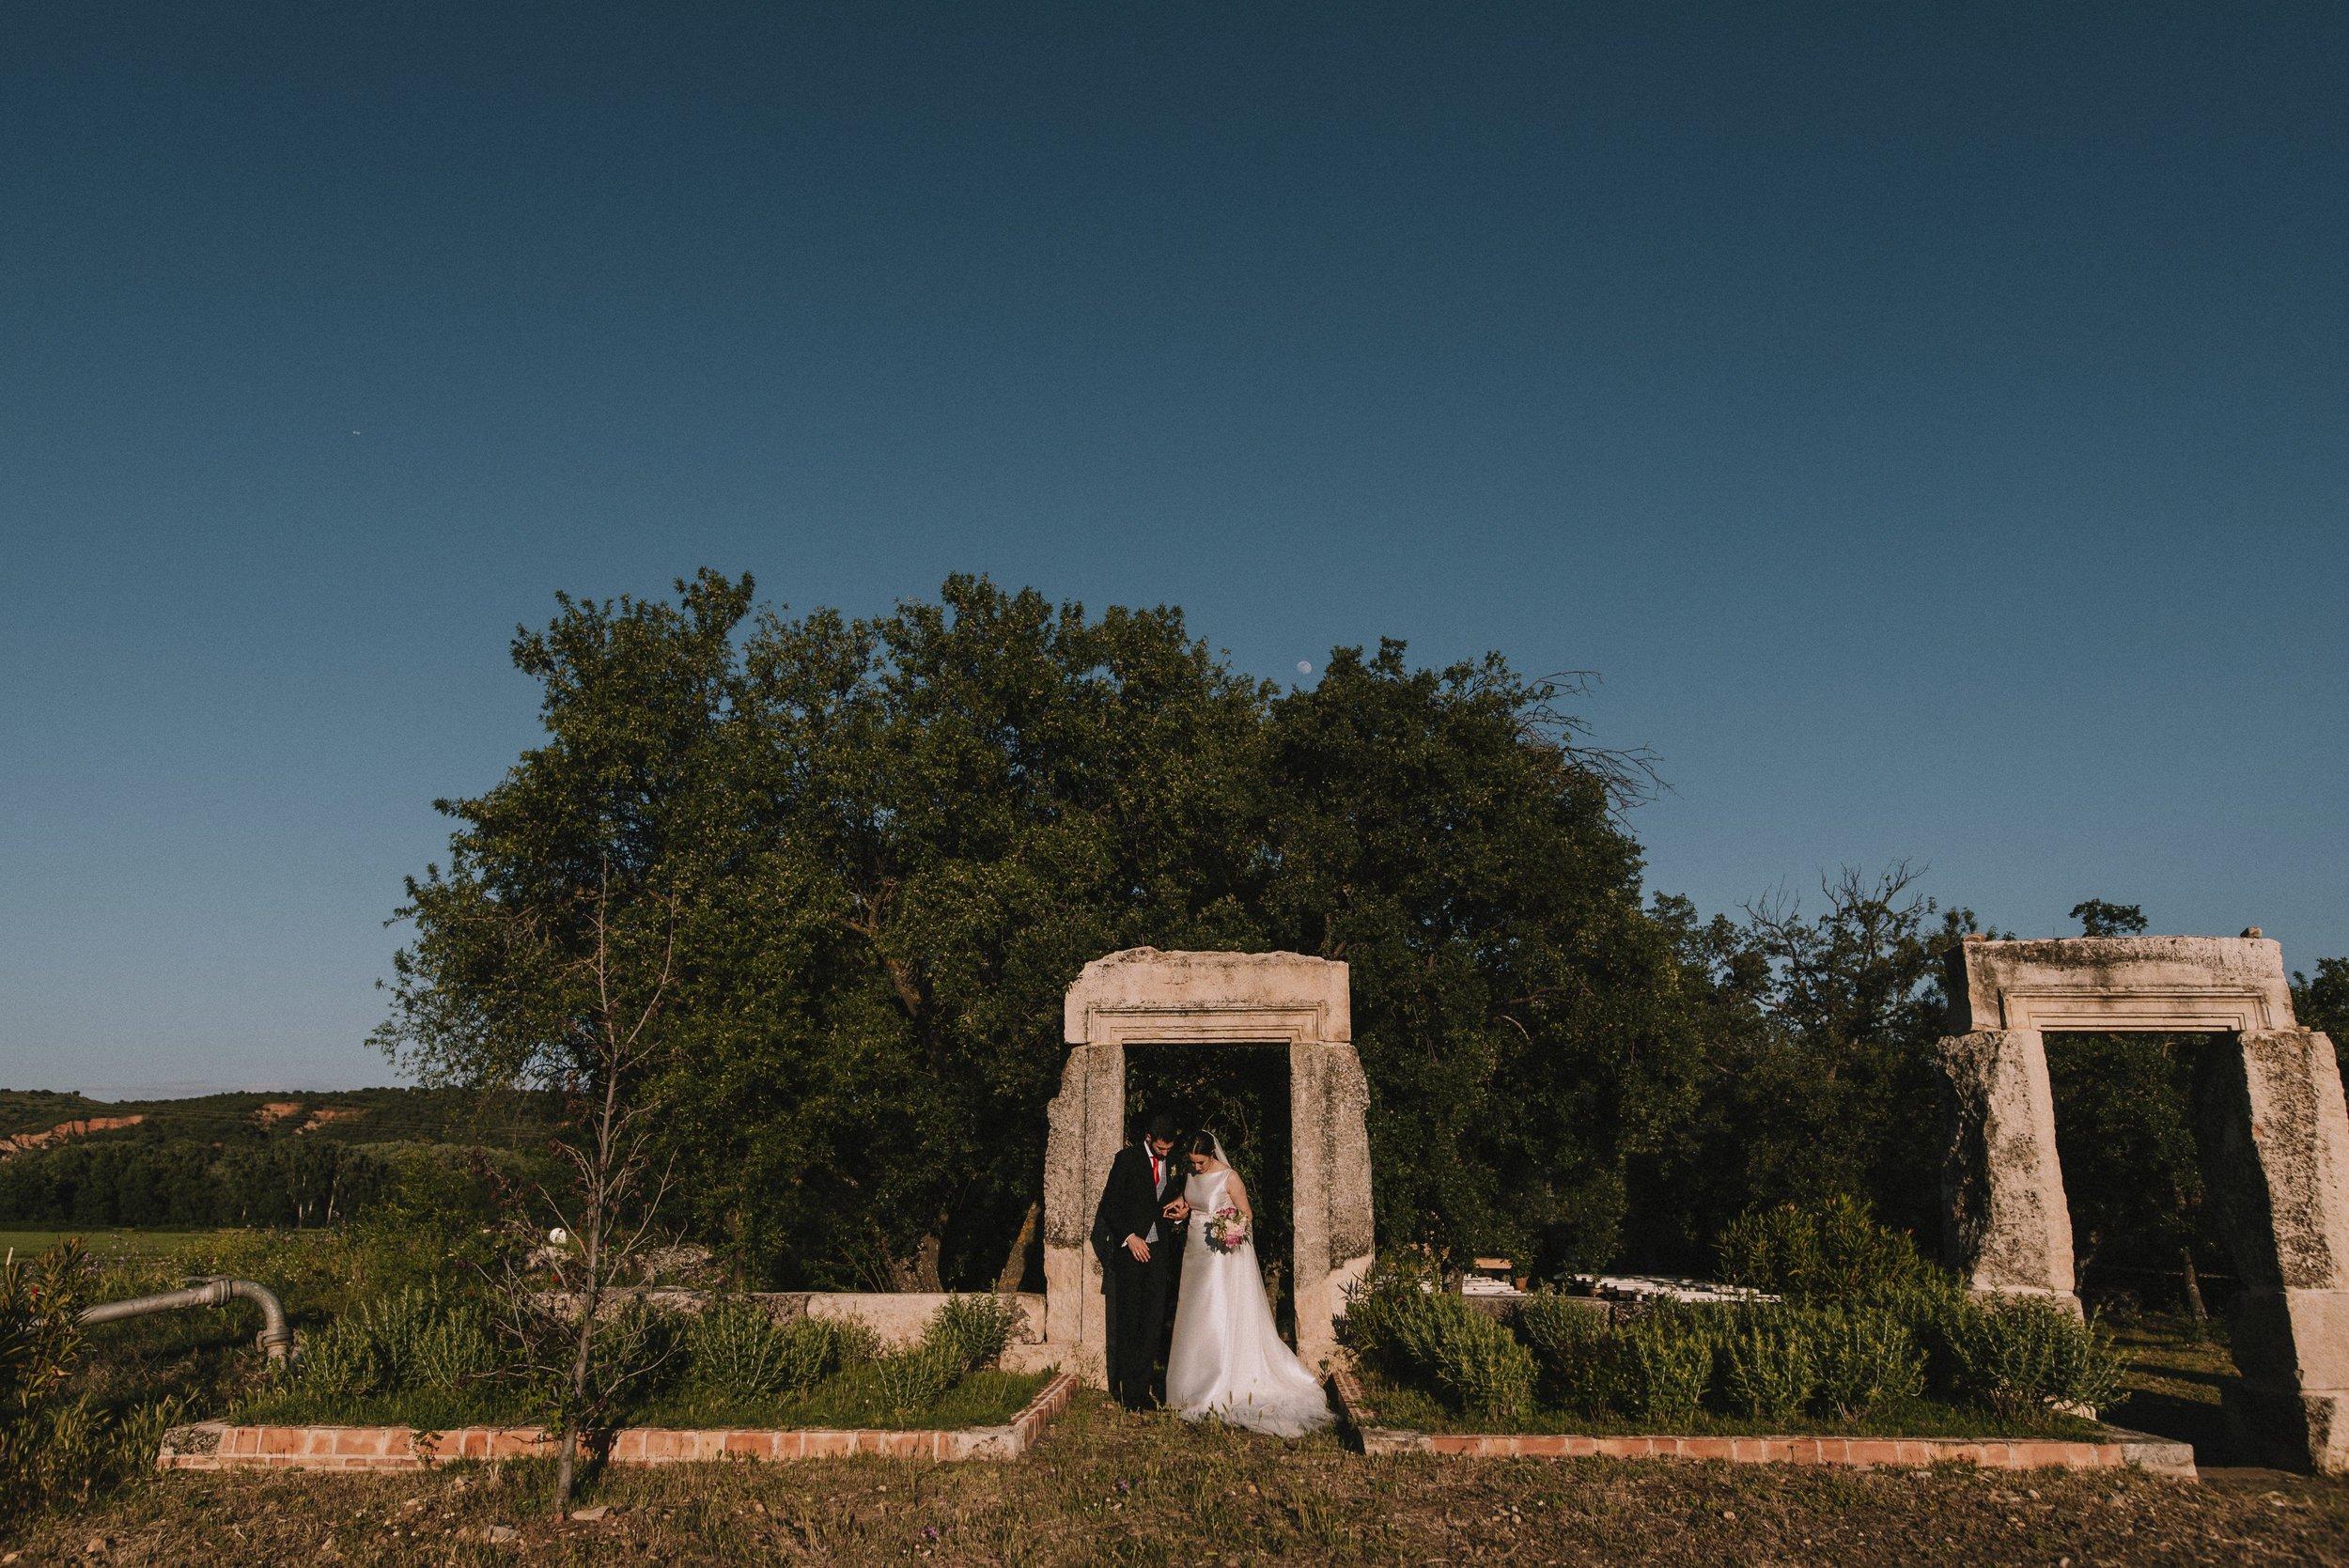 boda-finca-casa-oficios-cyc-0617.jpg